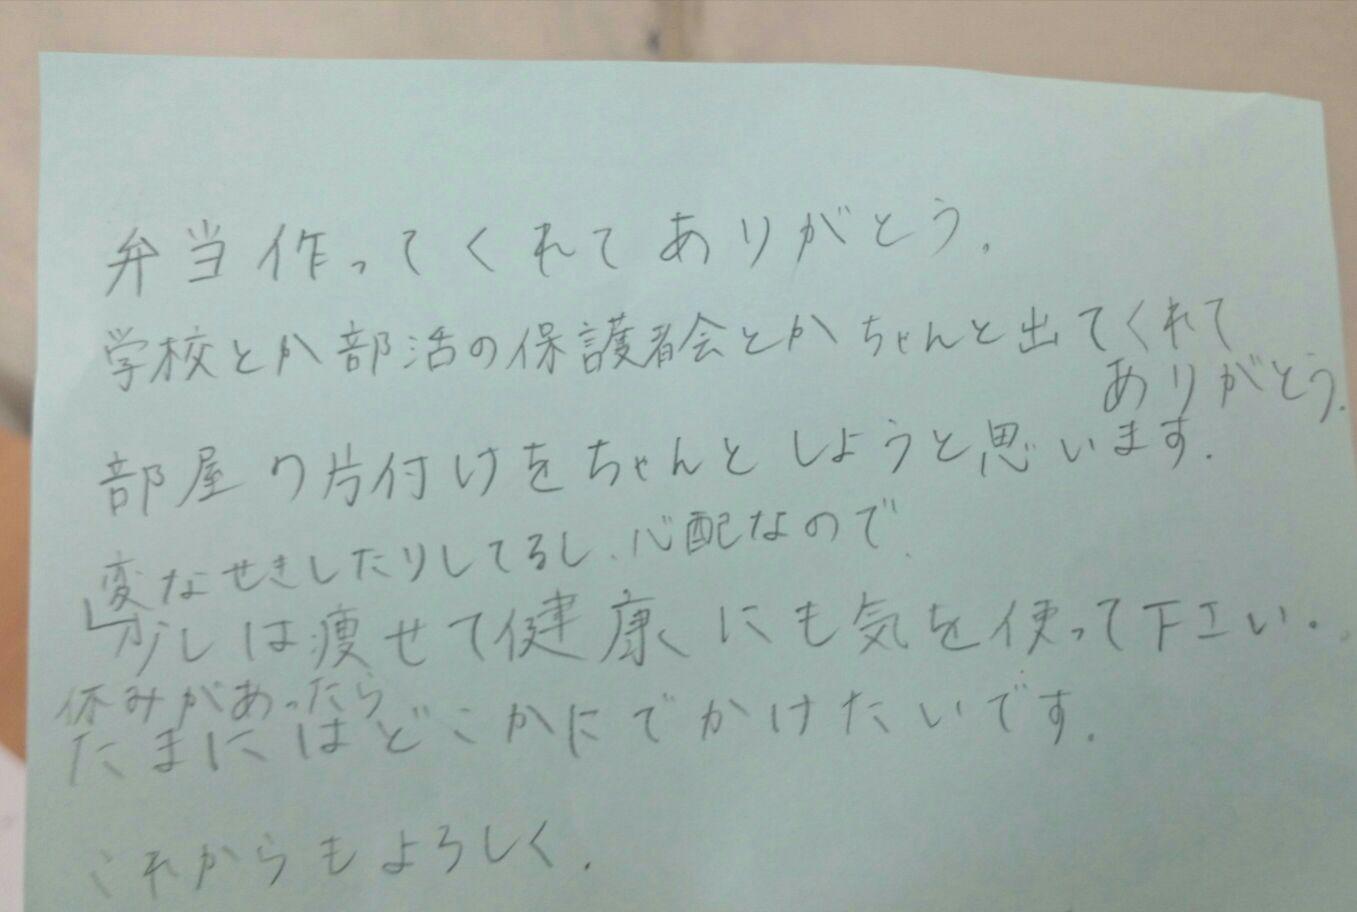 娘から手紙